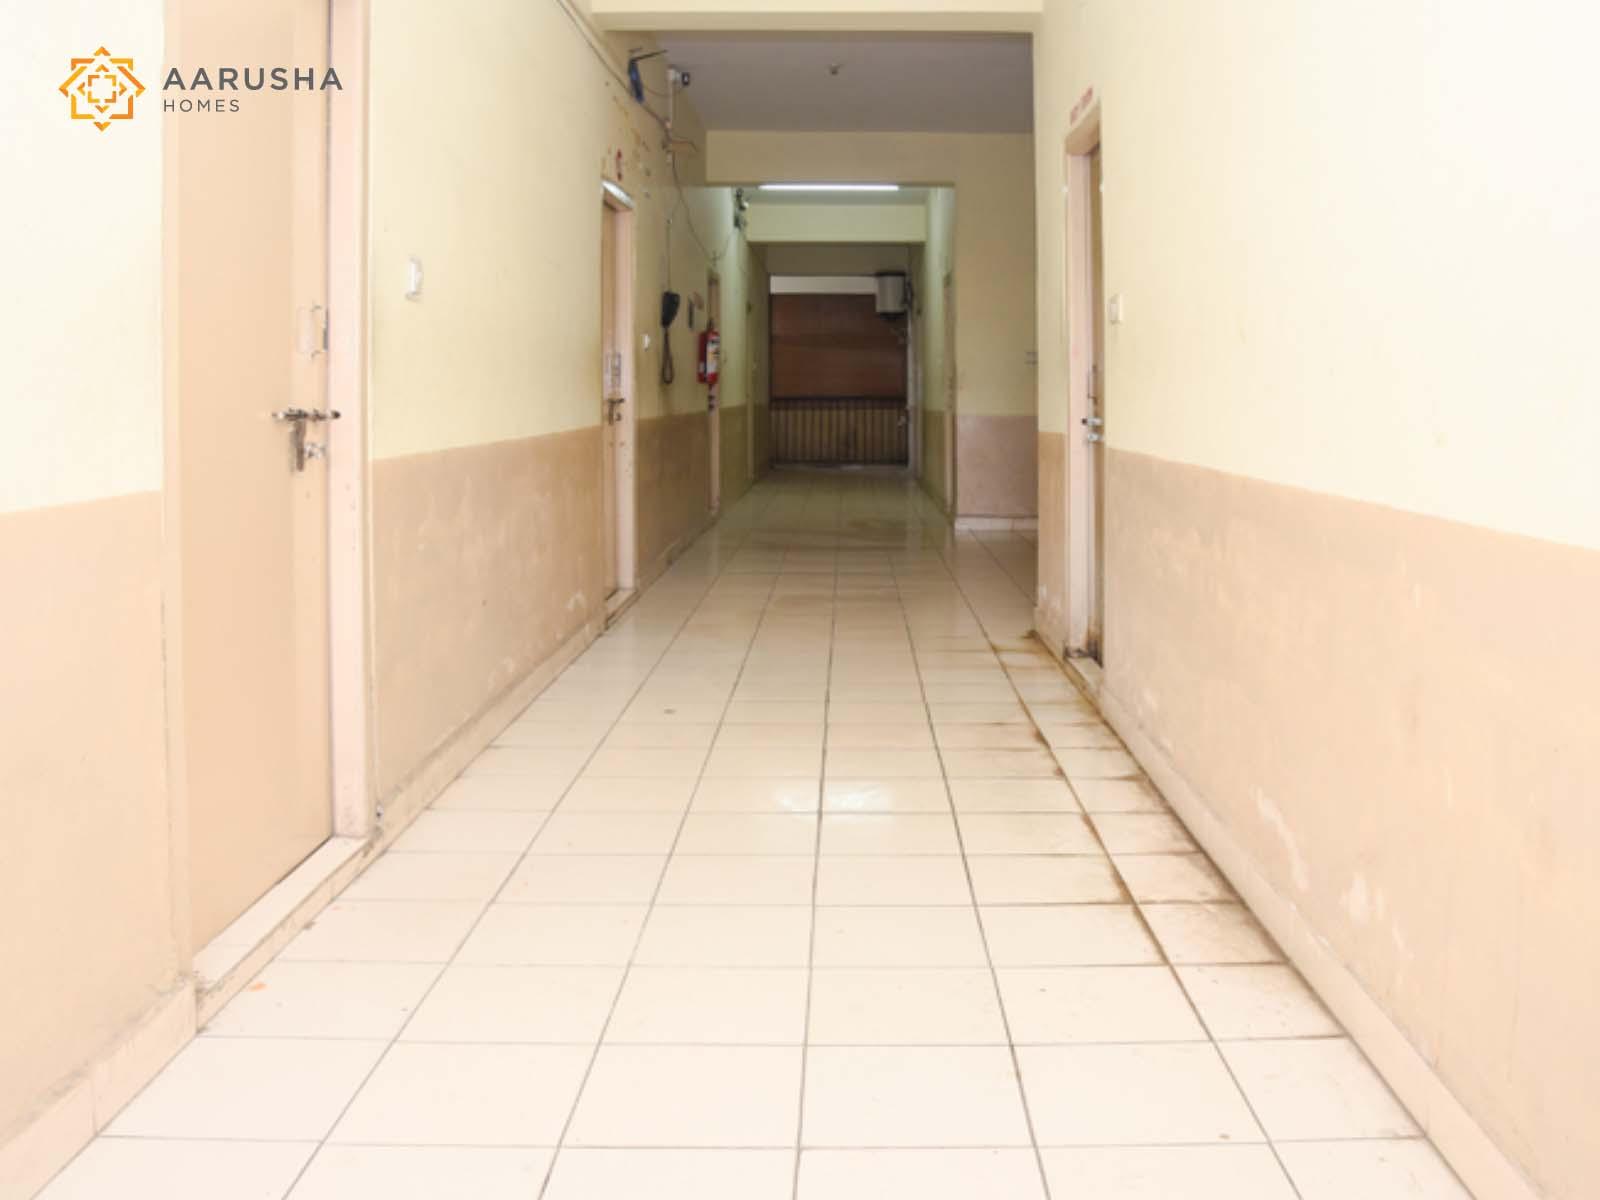 PG & Hostel For Men In Ameerpet 1